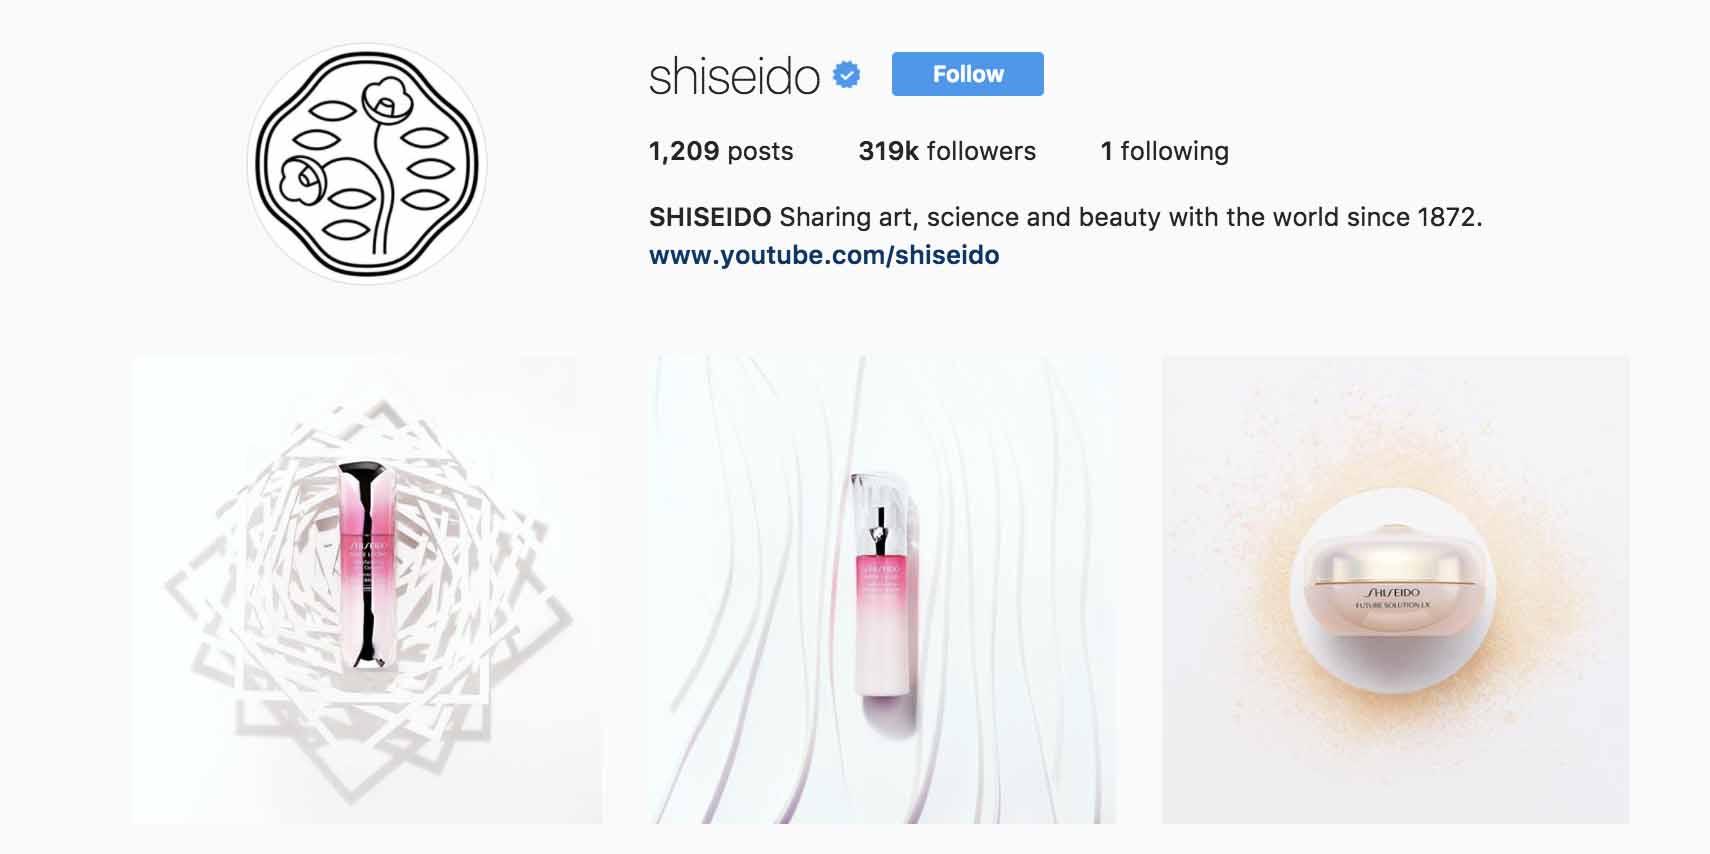 instagram-bio-ideas-shiseido